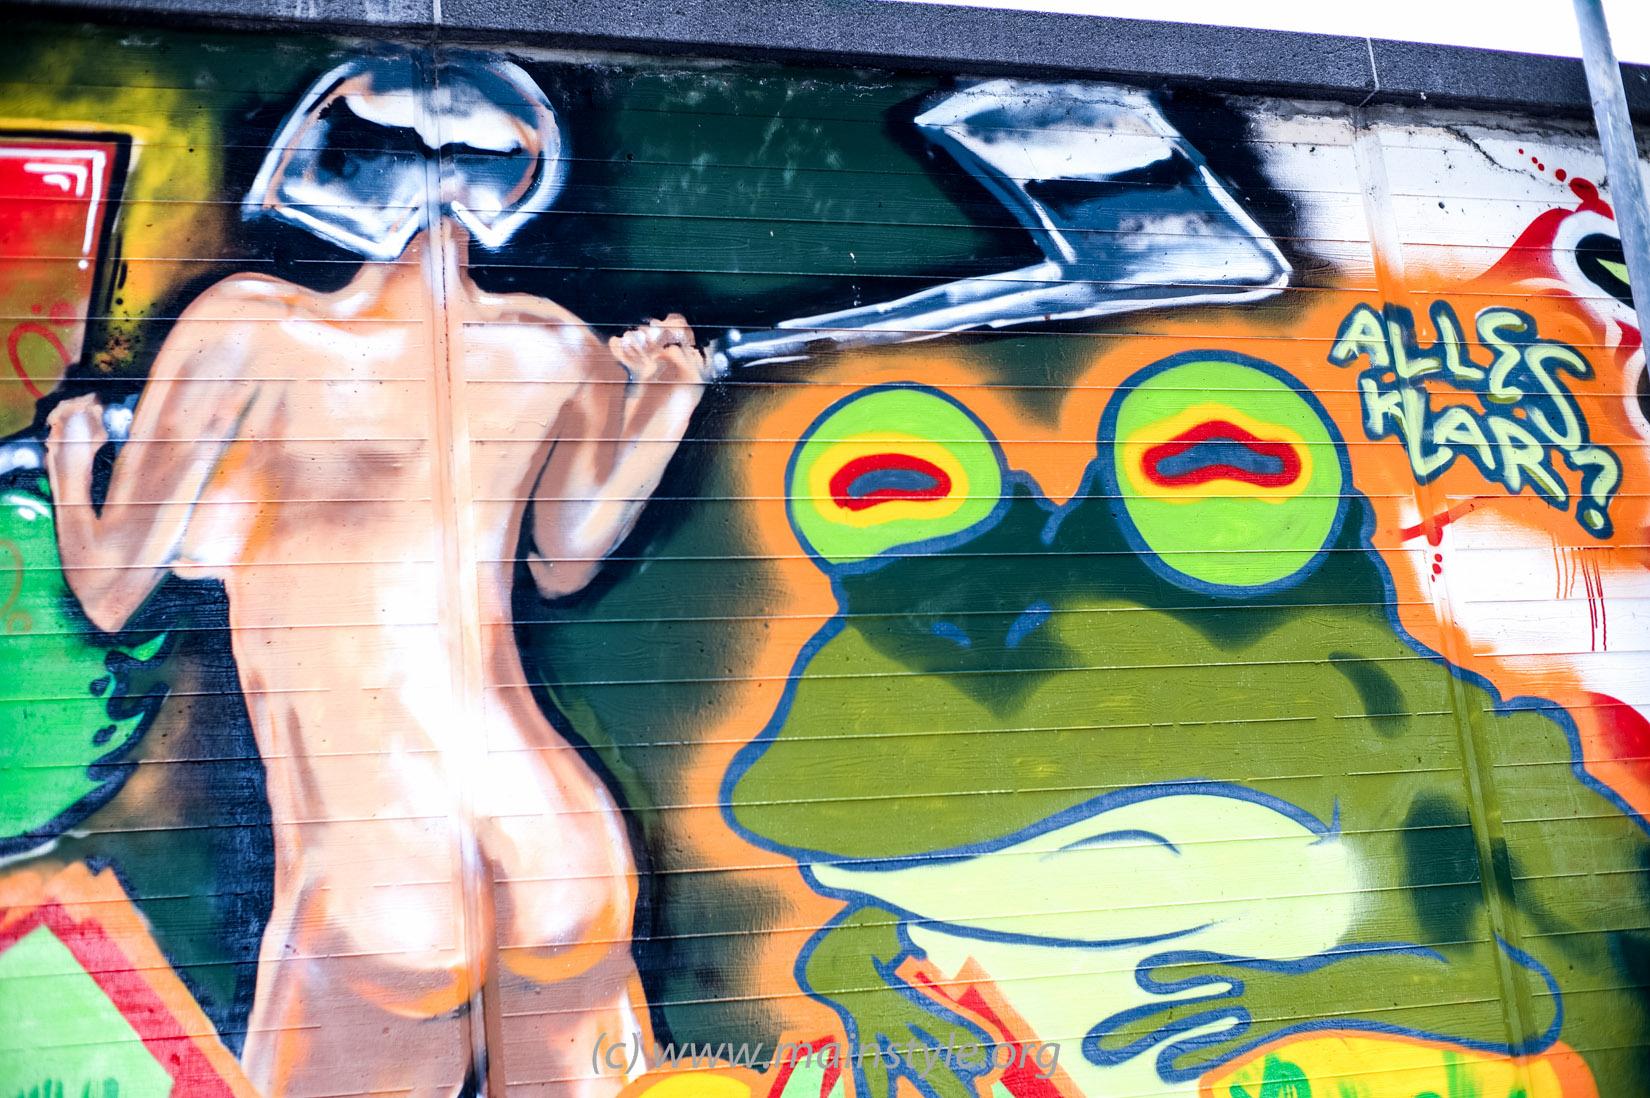 Frankfurt-Höchst_Graffiti_Süwag-Wall_2012 (31 von 35)